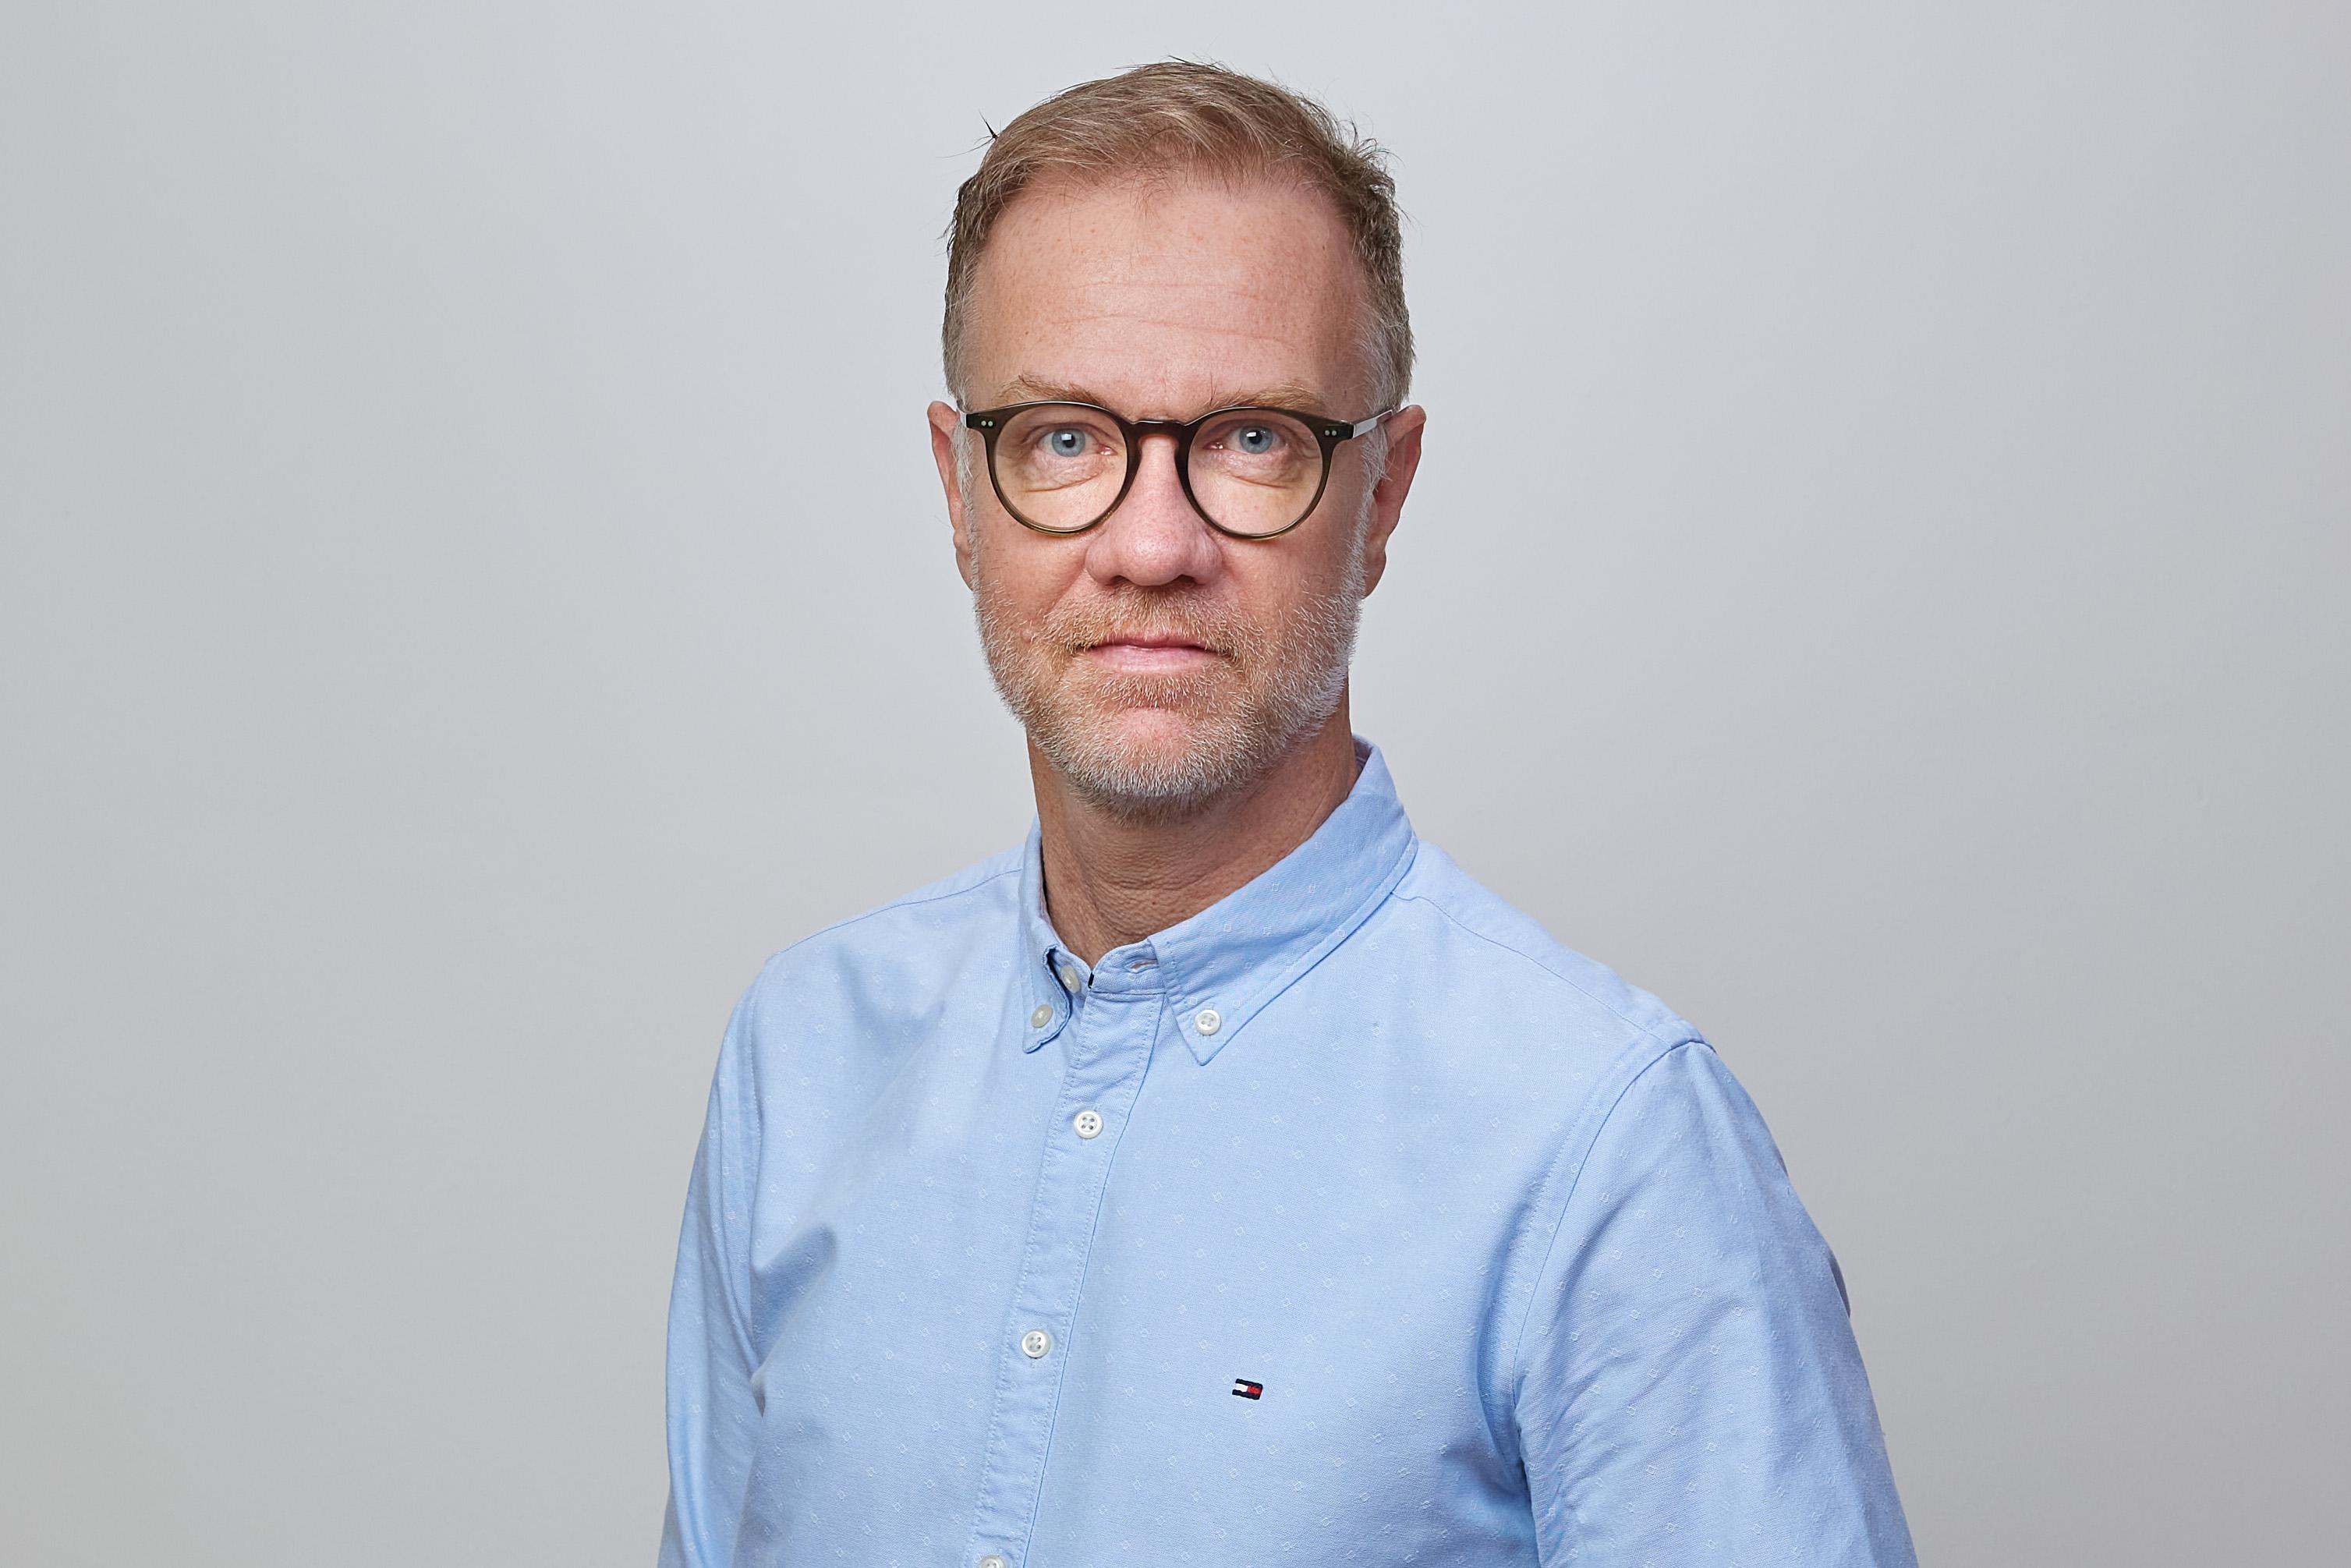 Einar Örn Ólafsson